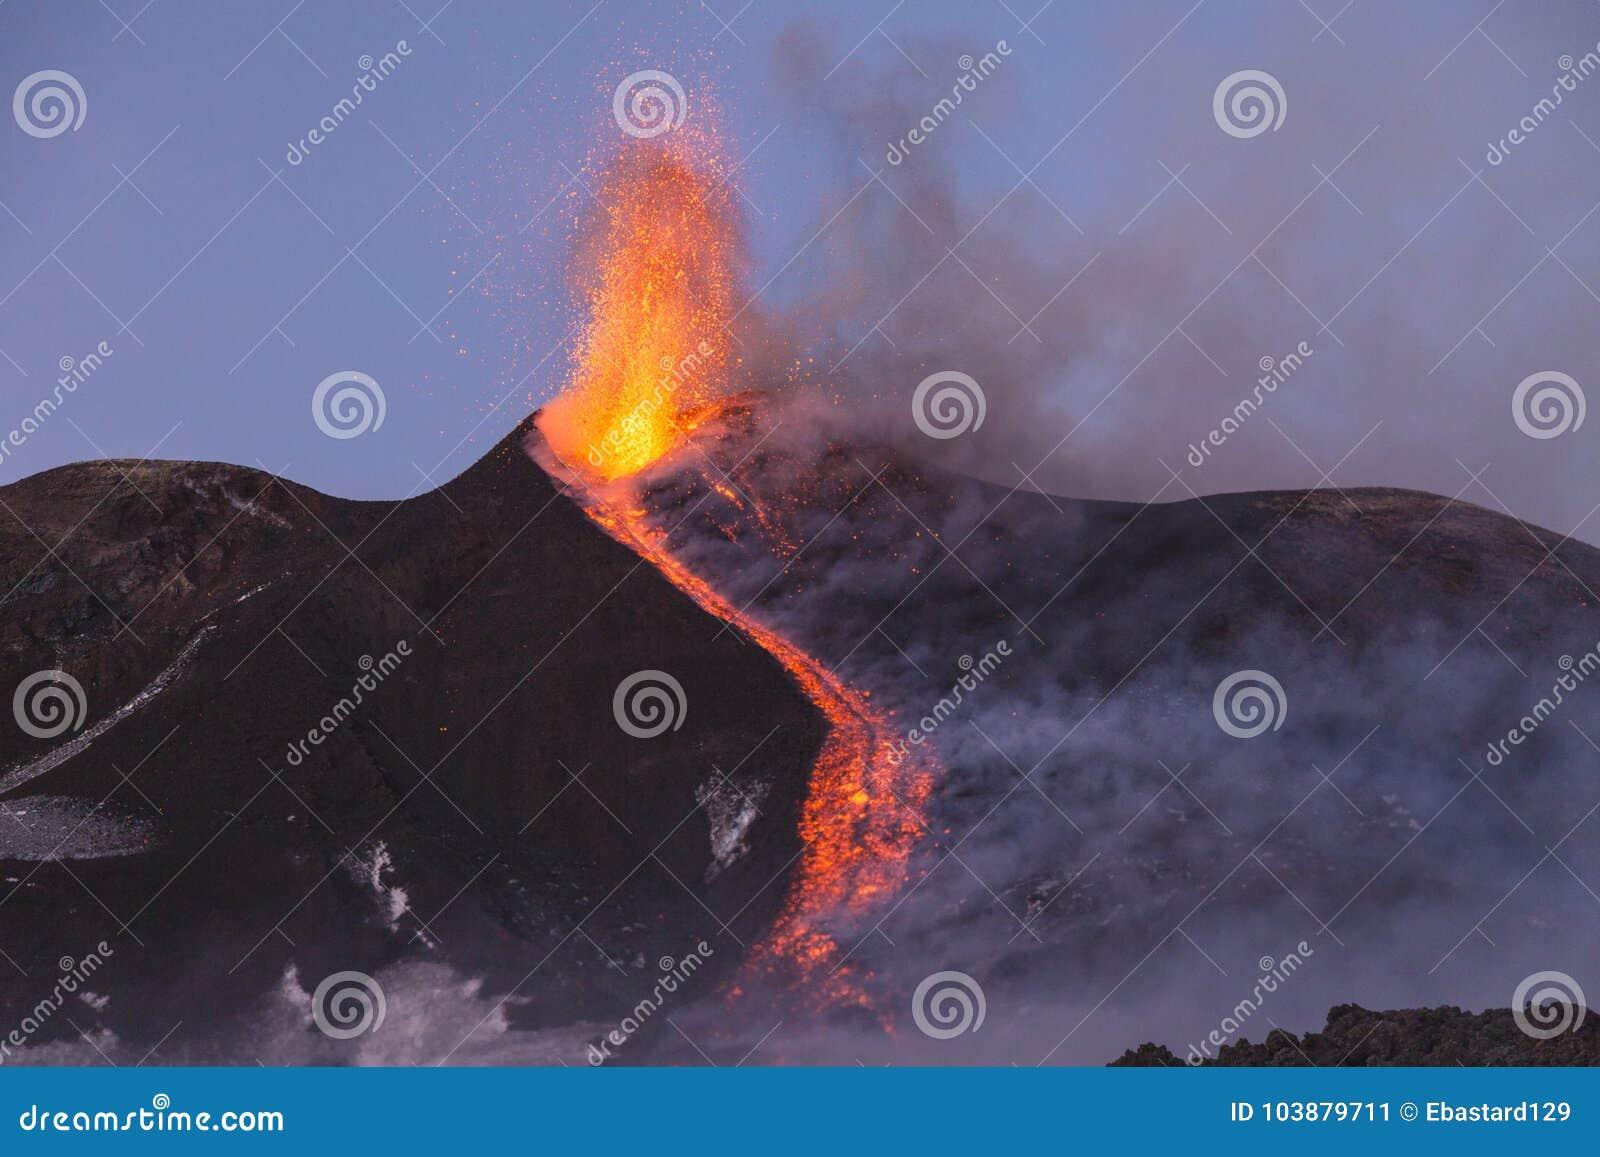 Эффектное извержение Этна вулкана, Сицилия, Италия